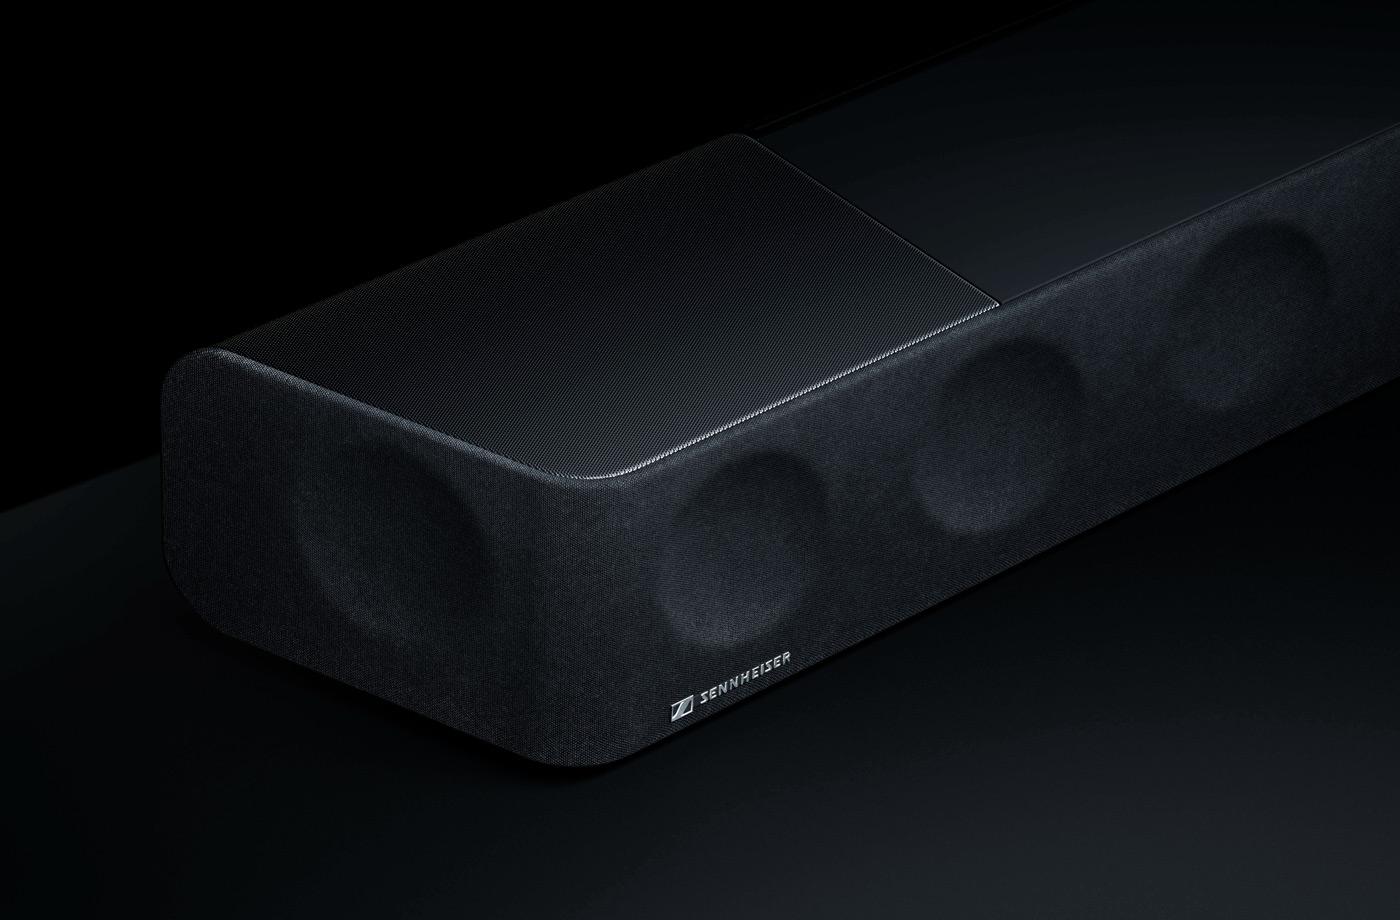 produktdesign eines lautsprechers